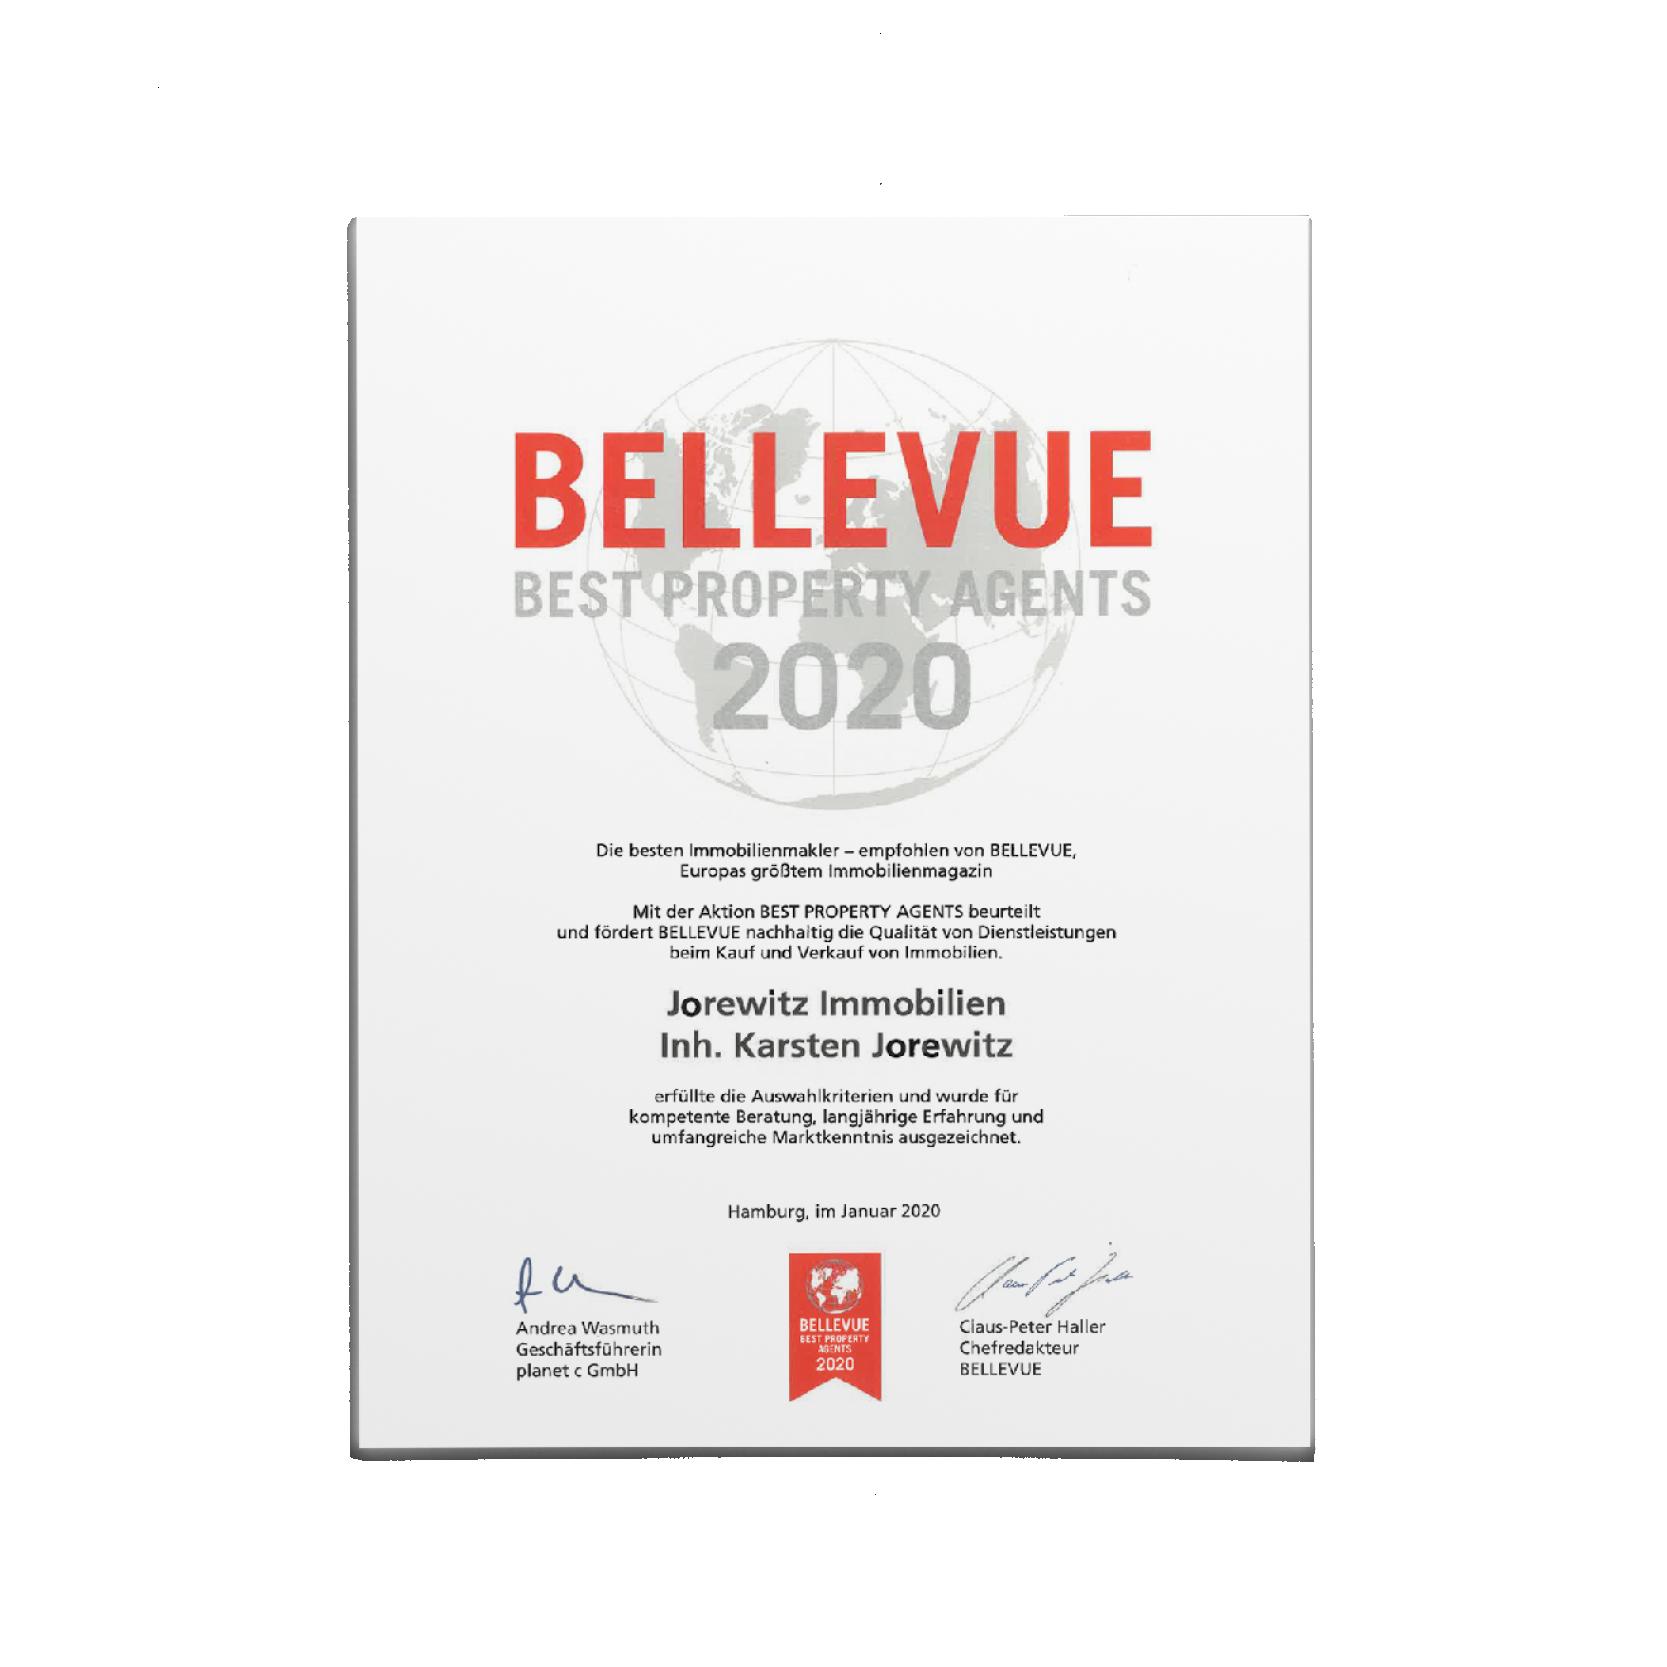 Urkunde_Bellvue2020